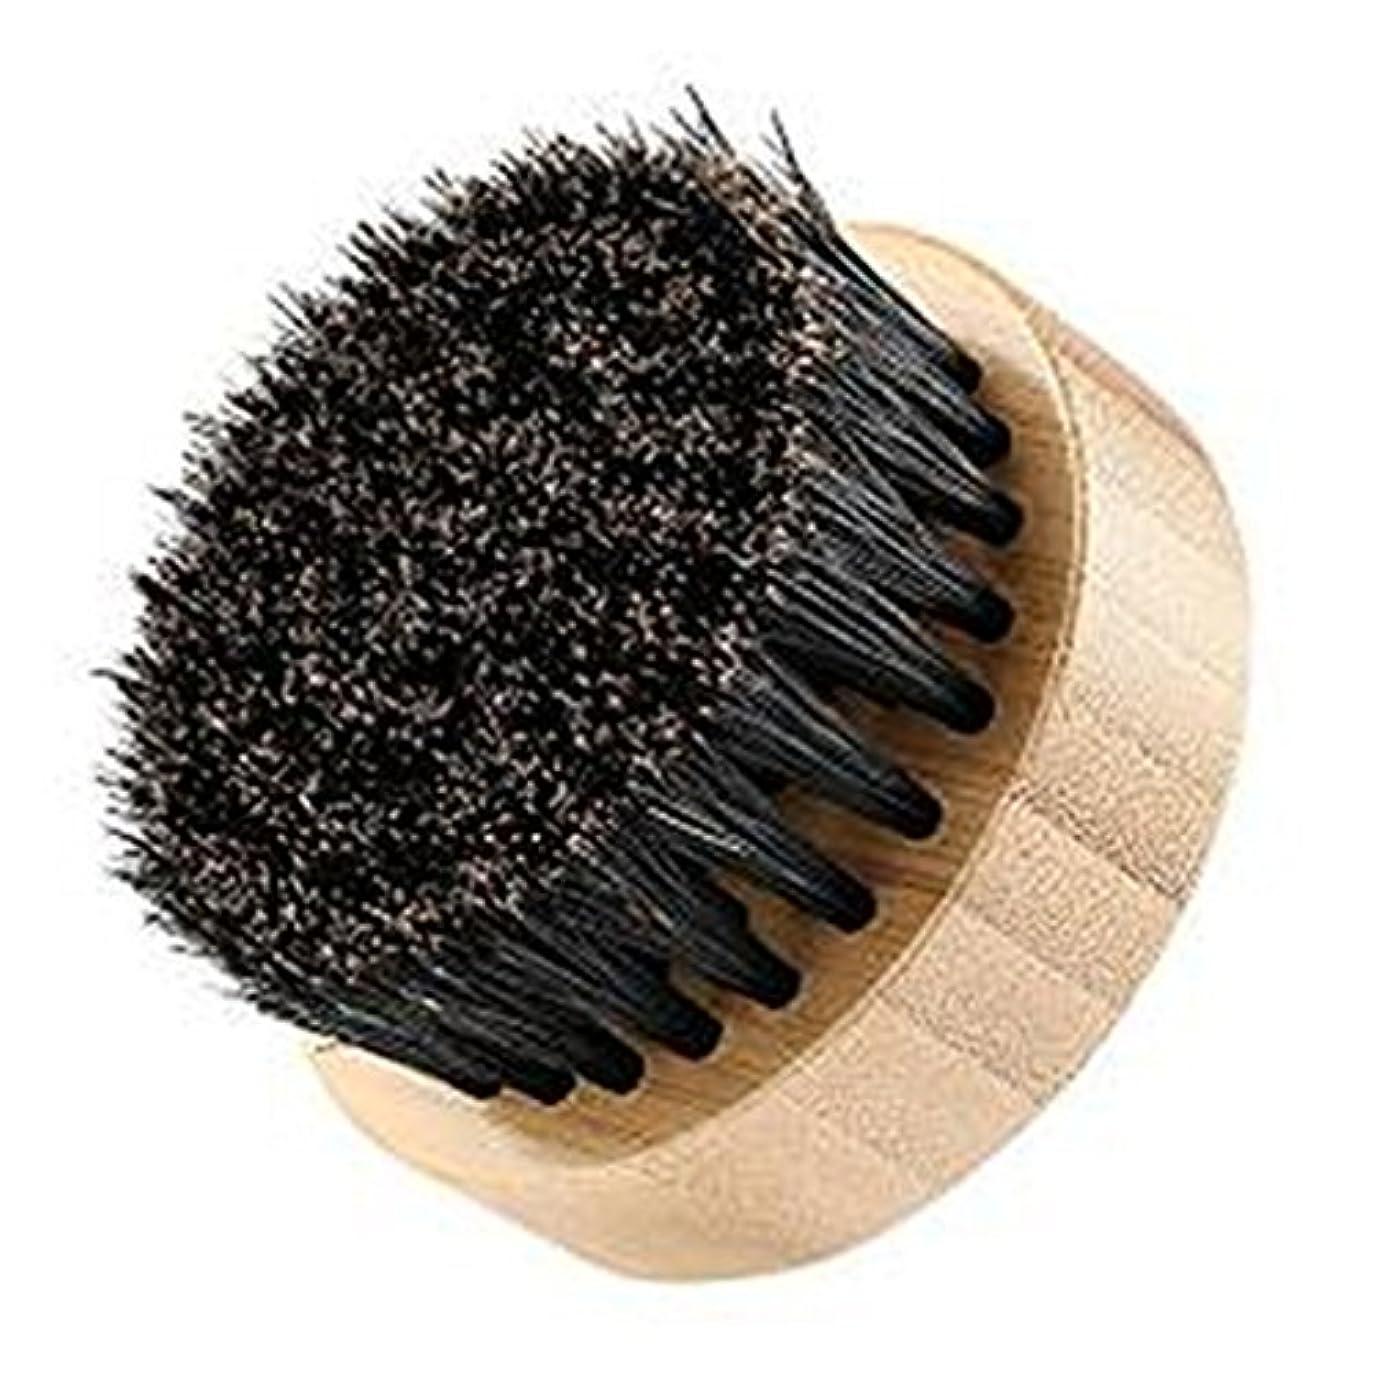 落ち込んでいる恩恵トライアスロンLUXWELL(ラクスウェル) ブラシ 100% 豚毛ブラシ 天然木 髭ブラシ FH-130